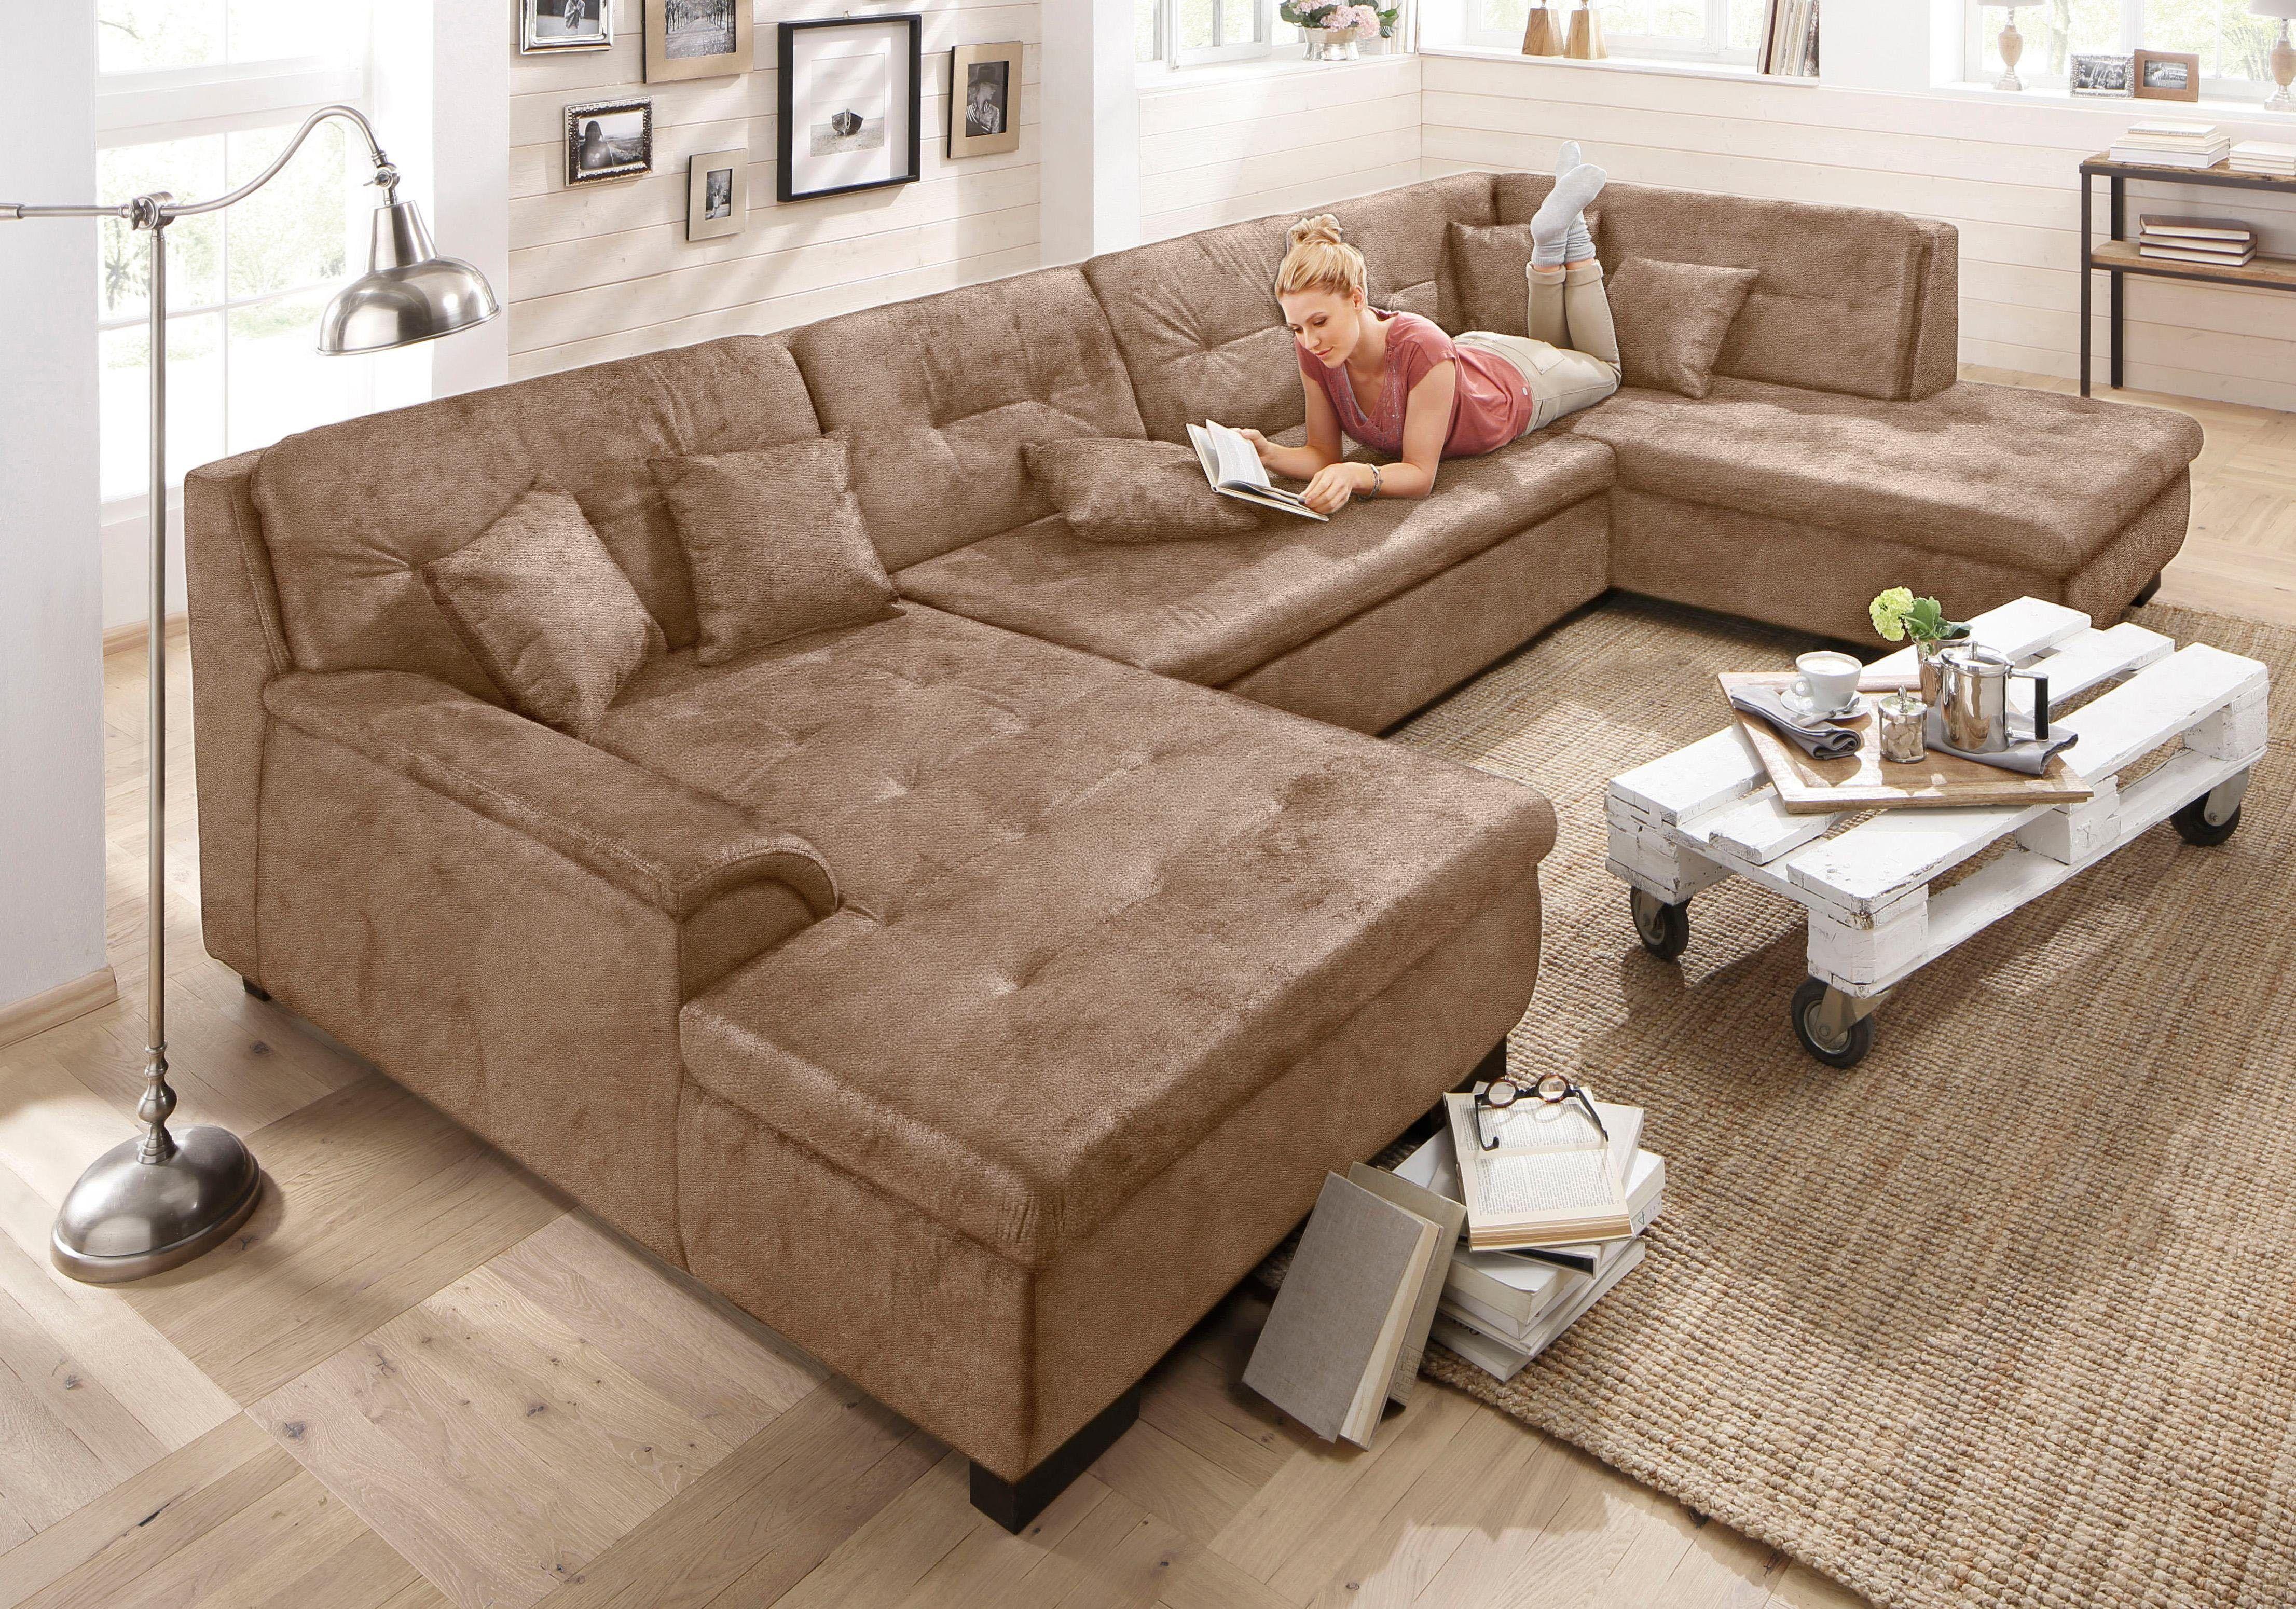 Home Affaire Xxl Wohnlandschaft Braun Ottomane Rechts Bergen Mit Schlaffunktion Fsc Zertifiziert Jetzt Bestellen Unt Moderne Couch Wohnlandschaft Wohnen